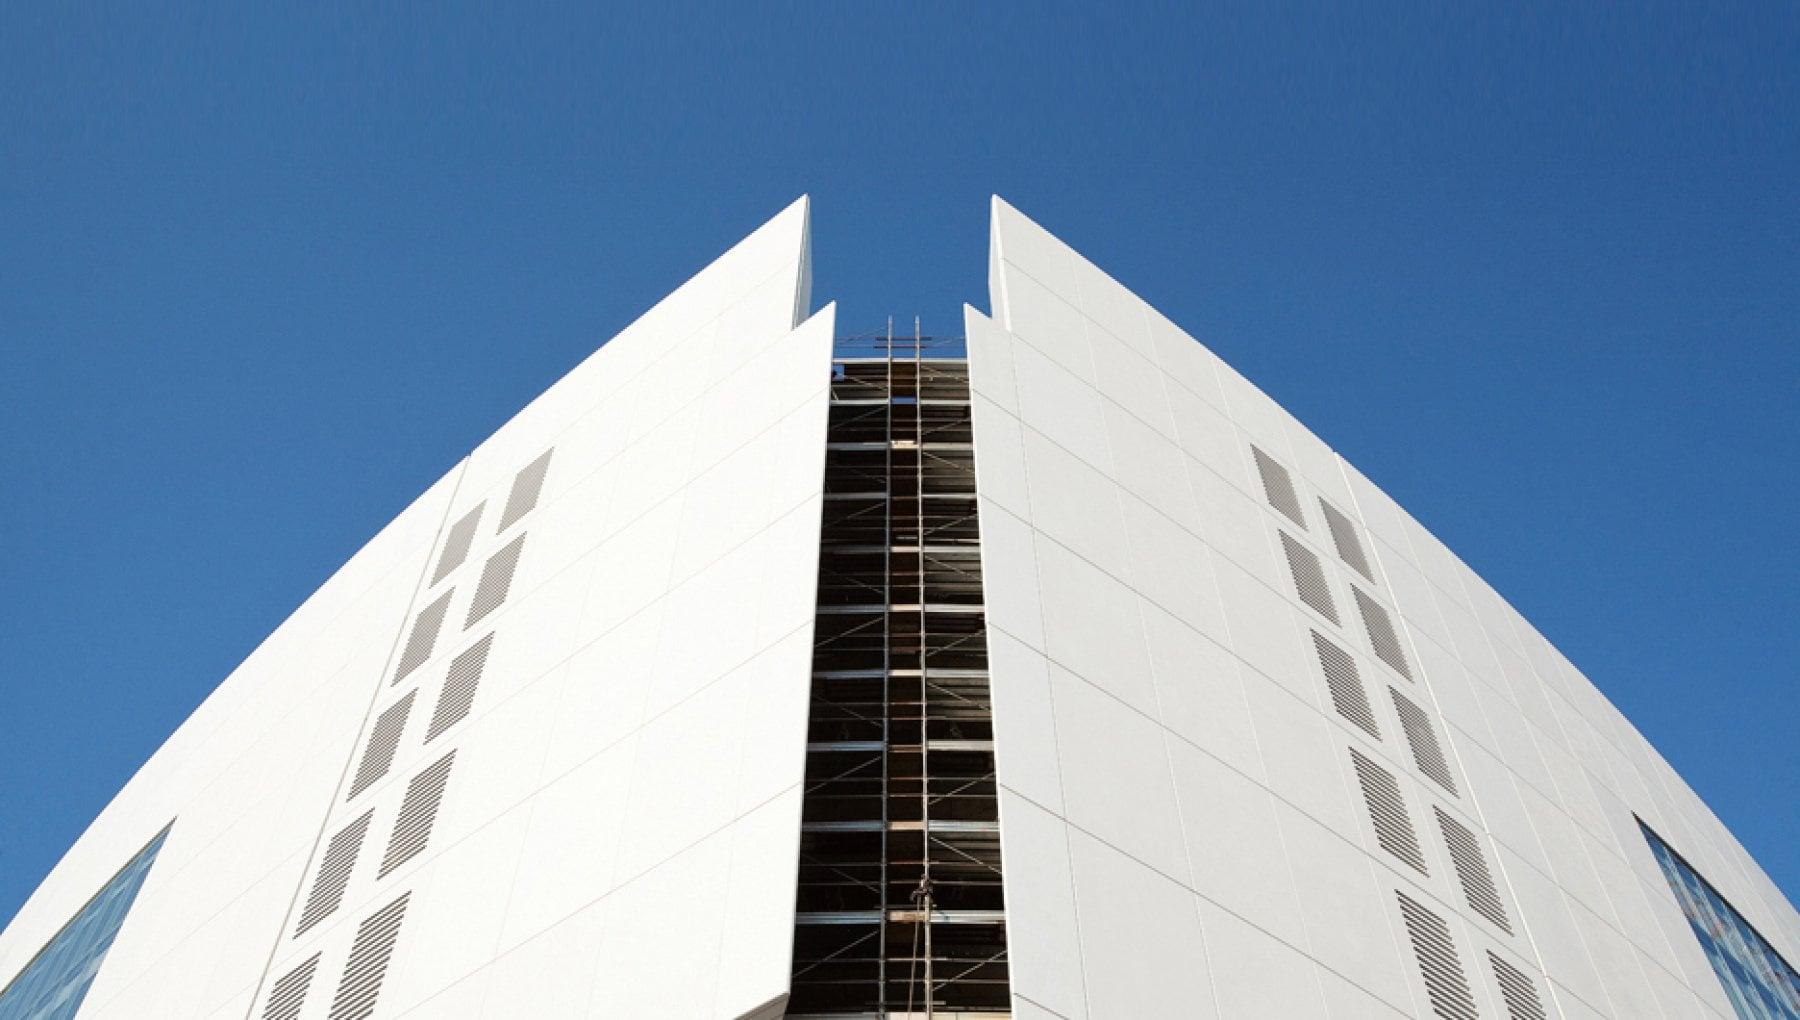 Onu: le emissioni di CO2 legate agli edifici sono da ...